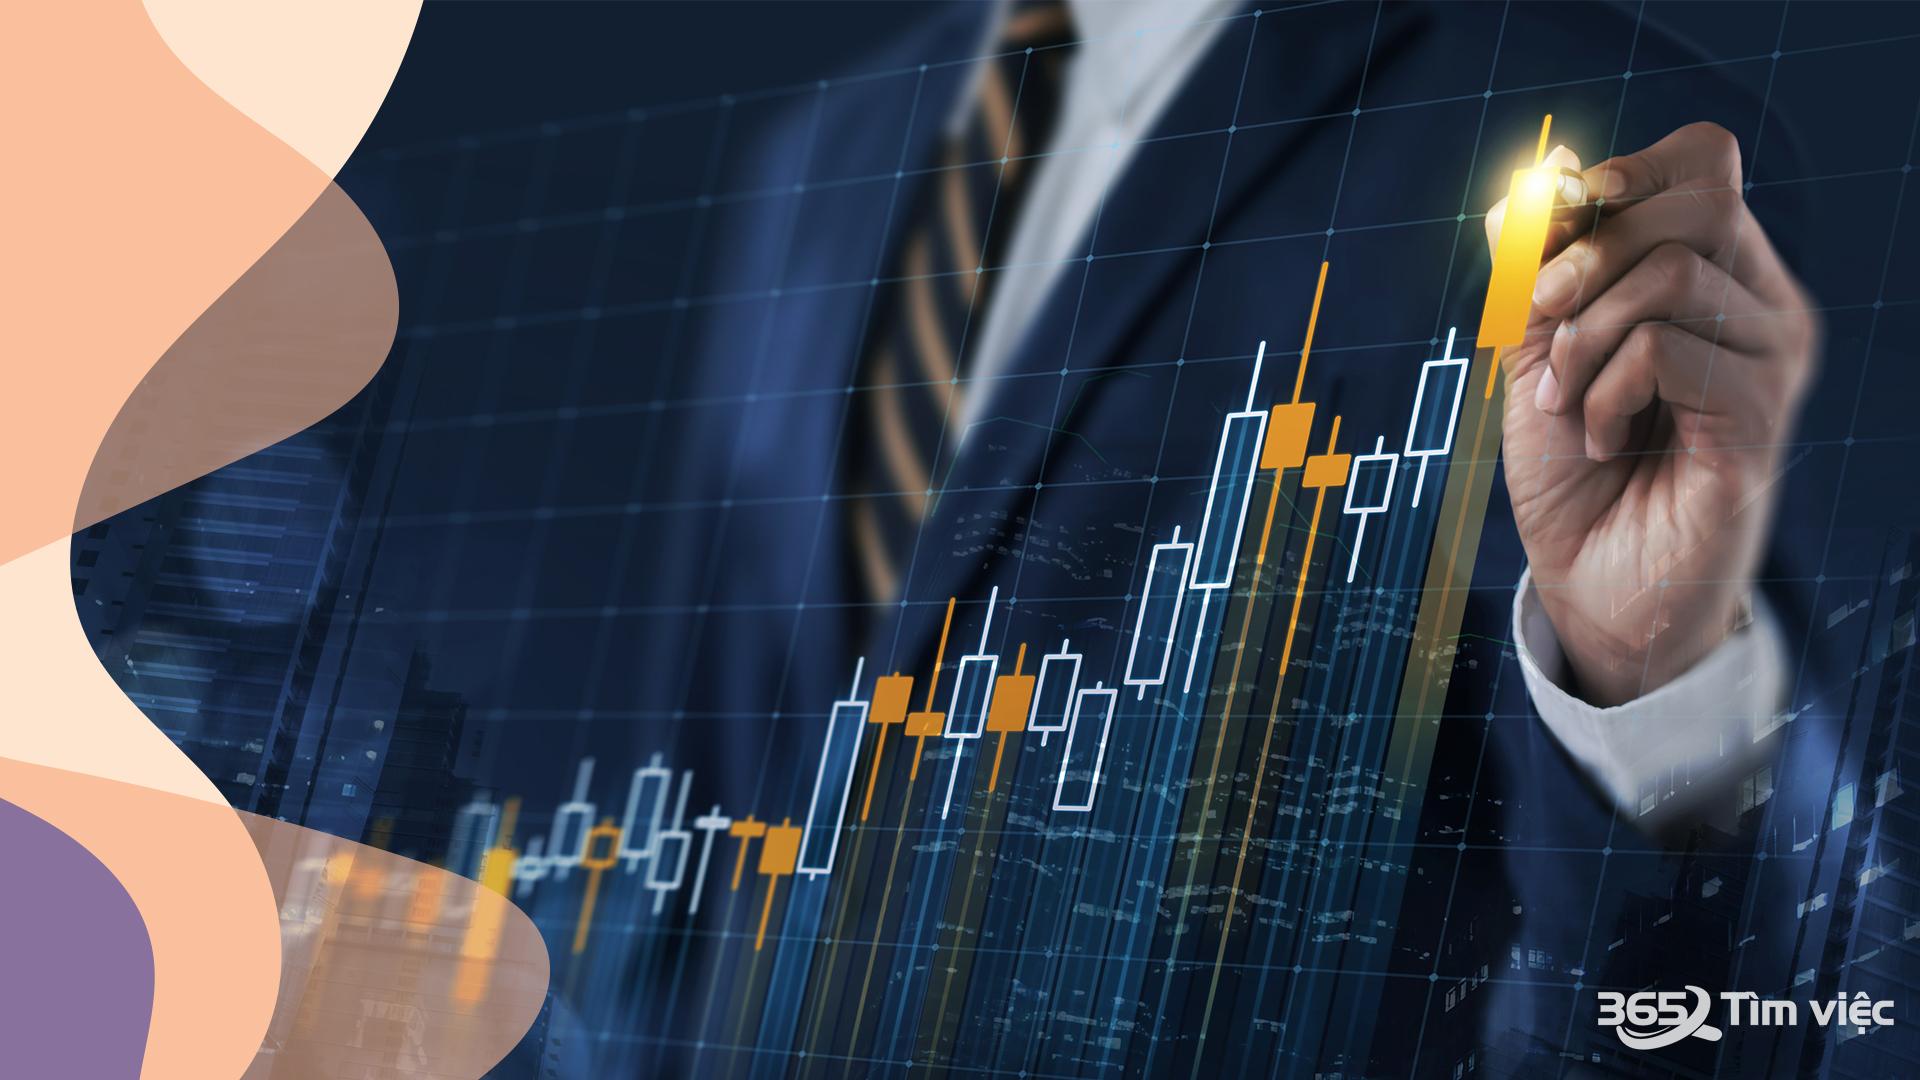 Vị trí của Mes trong doanh nghiệp bạn có biết?